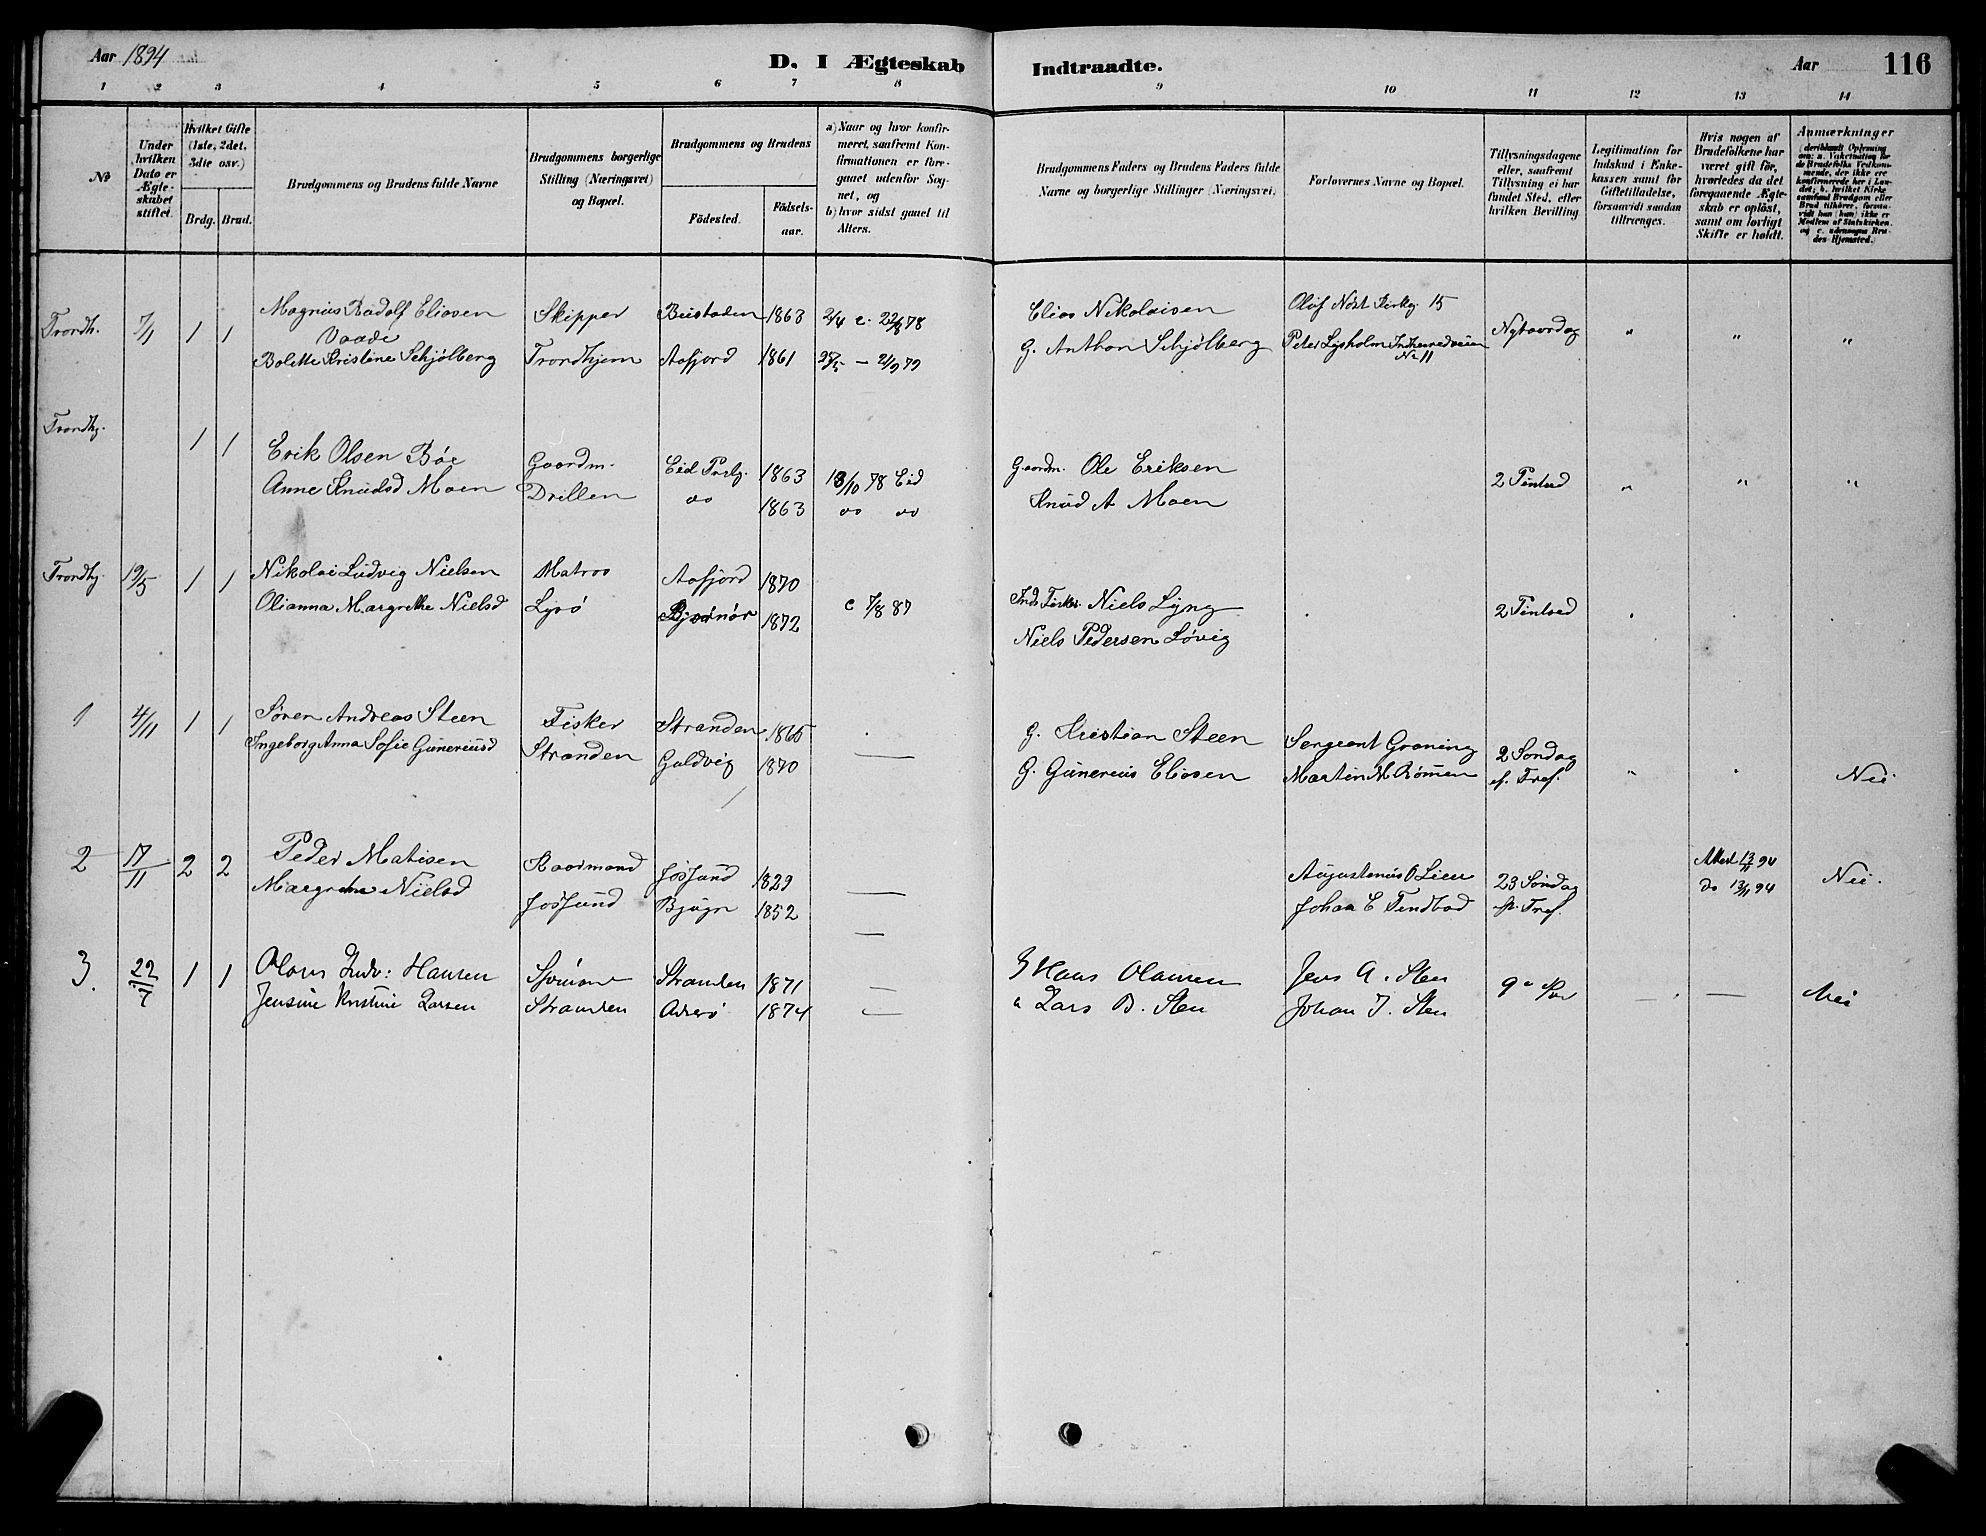 SAT, Ministerialprotokoller, klokkerbøker og fødselsregistre - Sør-Trøndelag, 654/L0665: Klokkerbok nr. 654C01, 1879-1901, s. 116